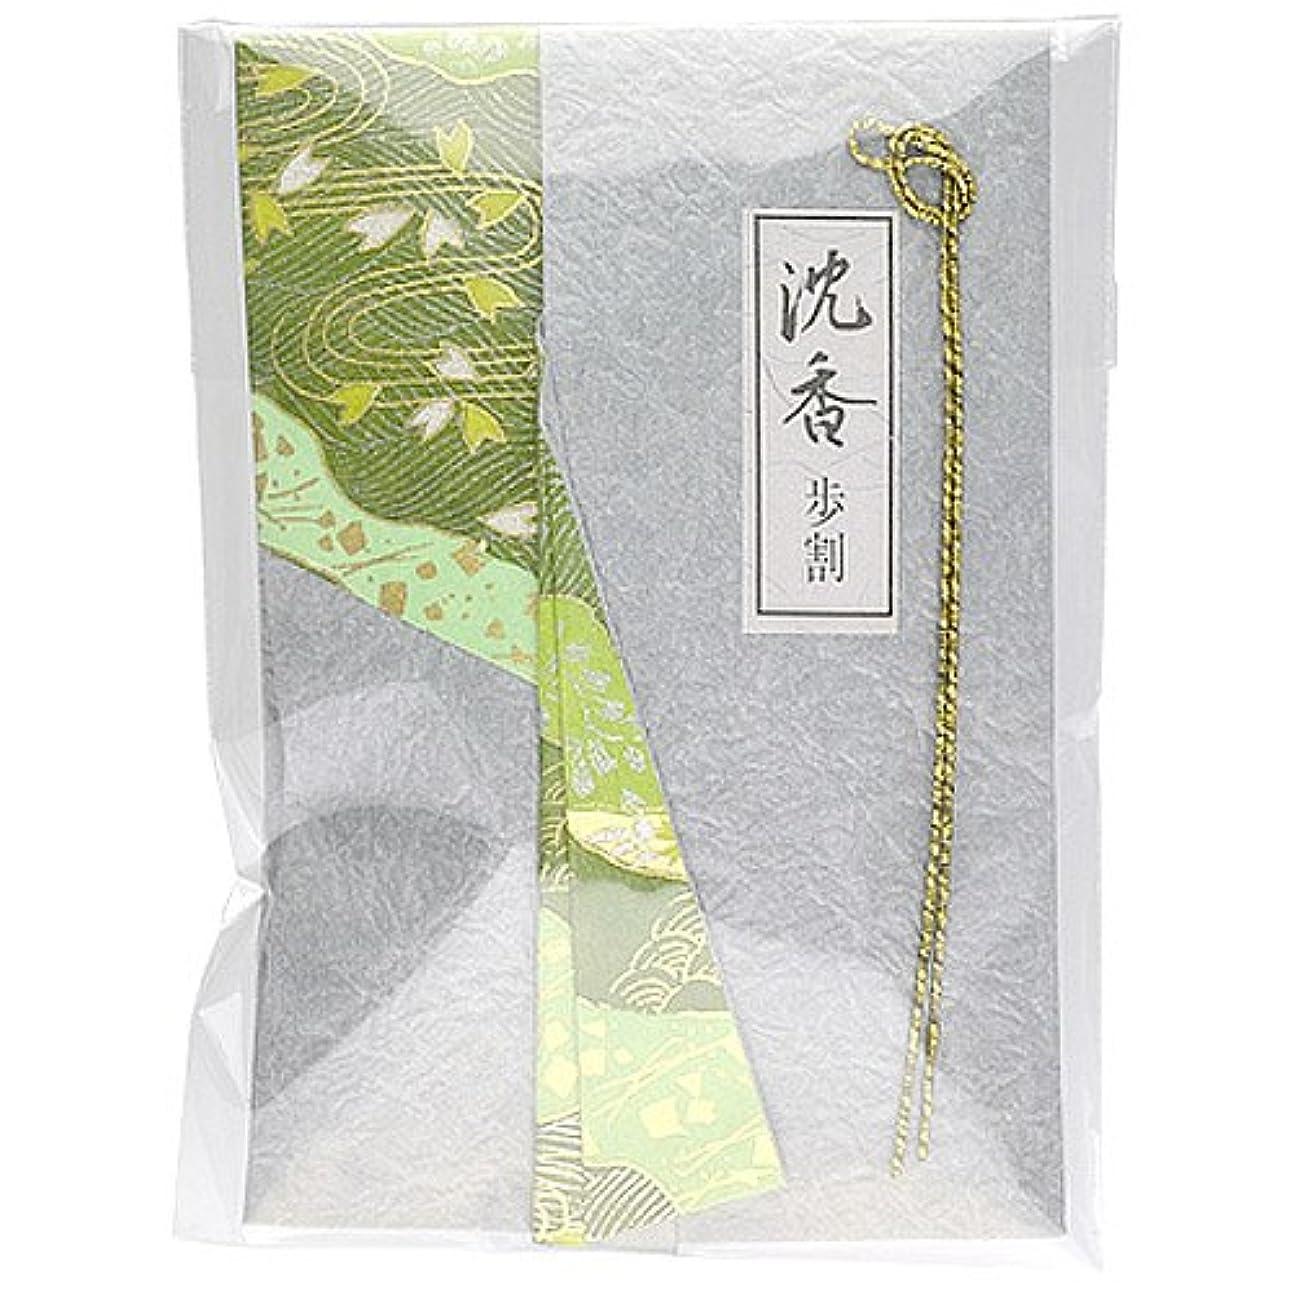 ずらすわがままシエスタ日本香堂 香木 10g 「沈香 歩割」 4902125426009